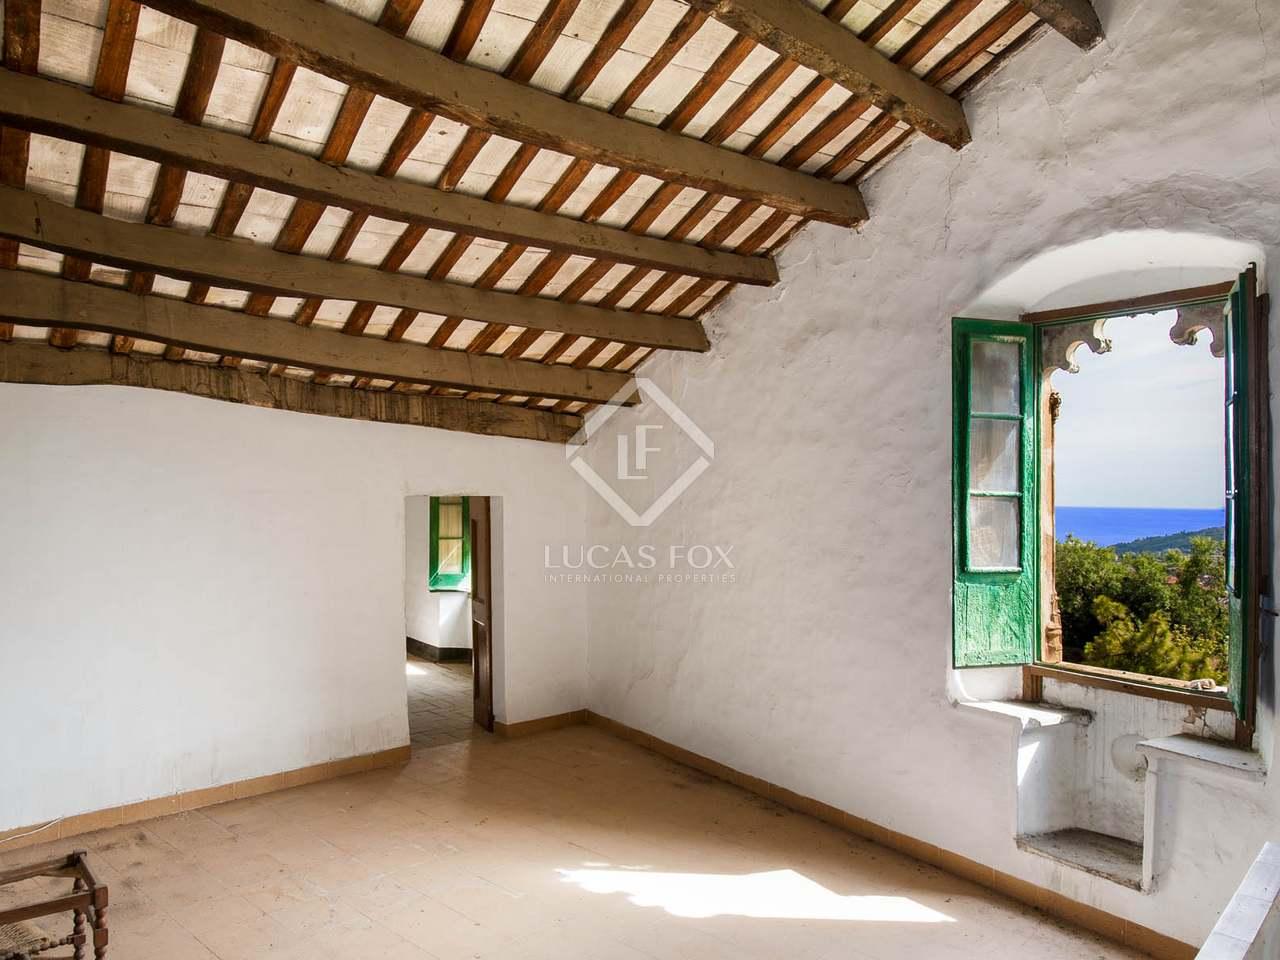 Casa rural a reformar en venta en tiana maresme - Casa rural barata barcelona ...